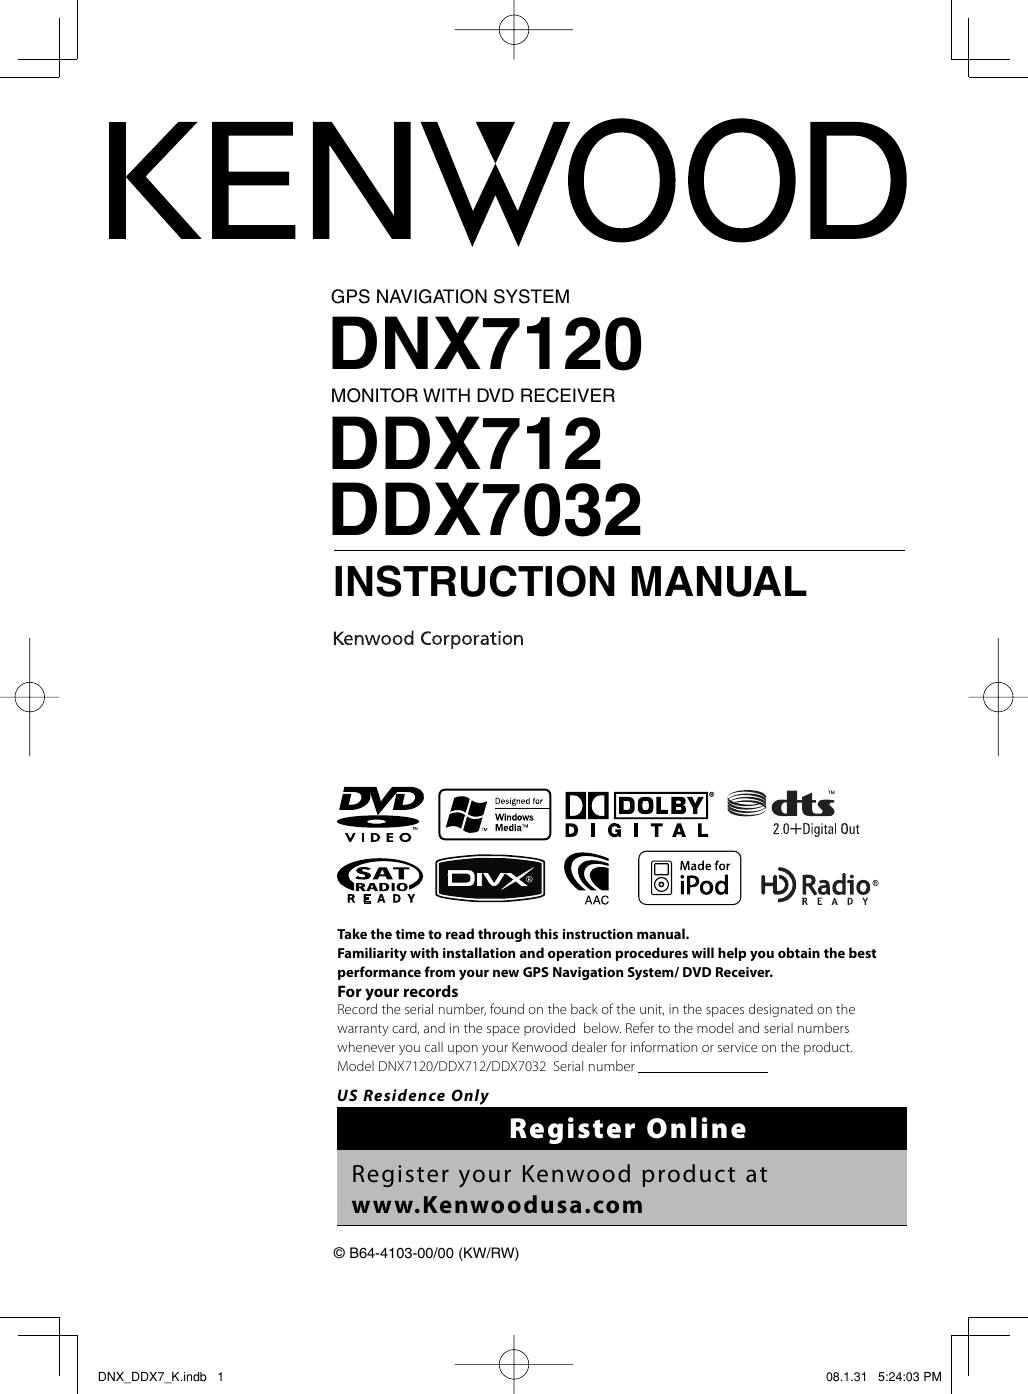 Kenwood Dnx7120 Owner S Manual DNX_DDX7_K.indb